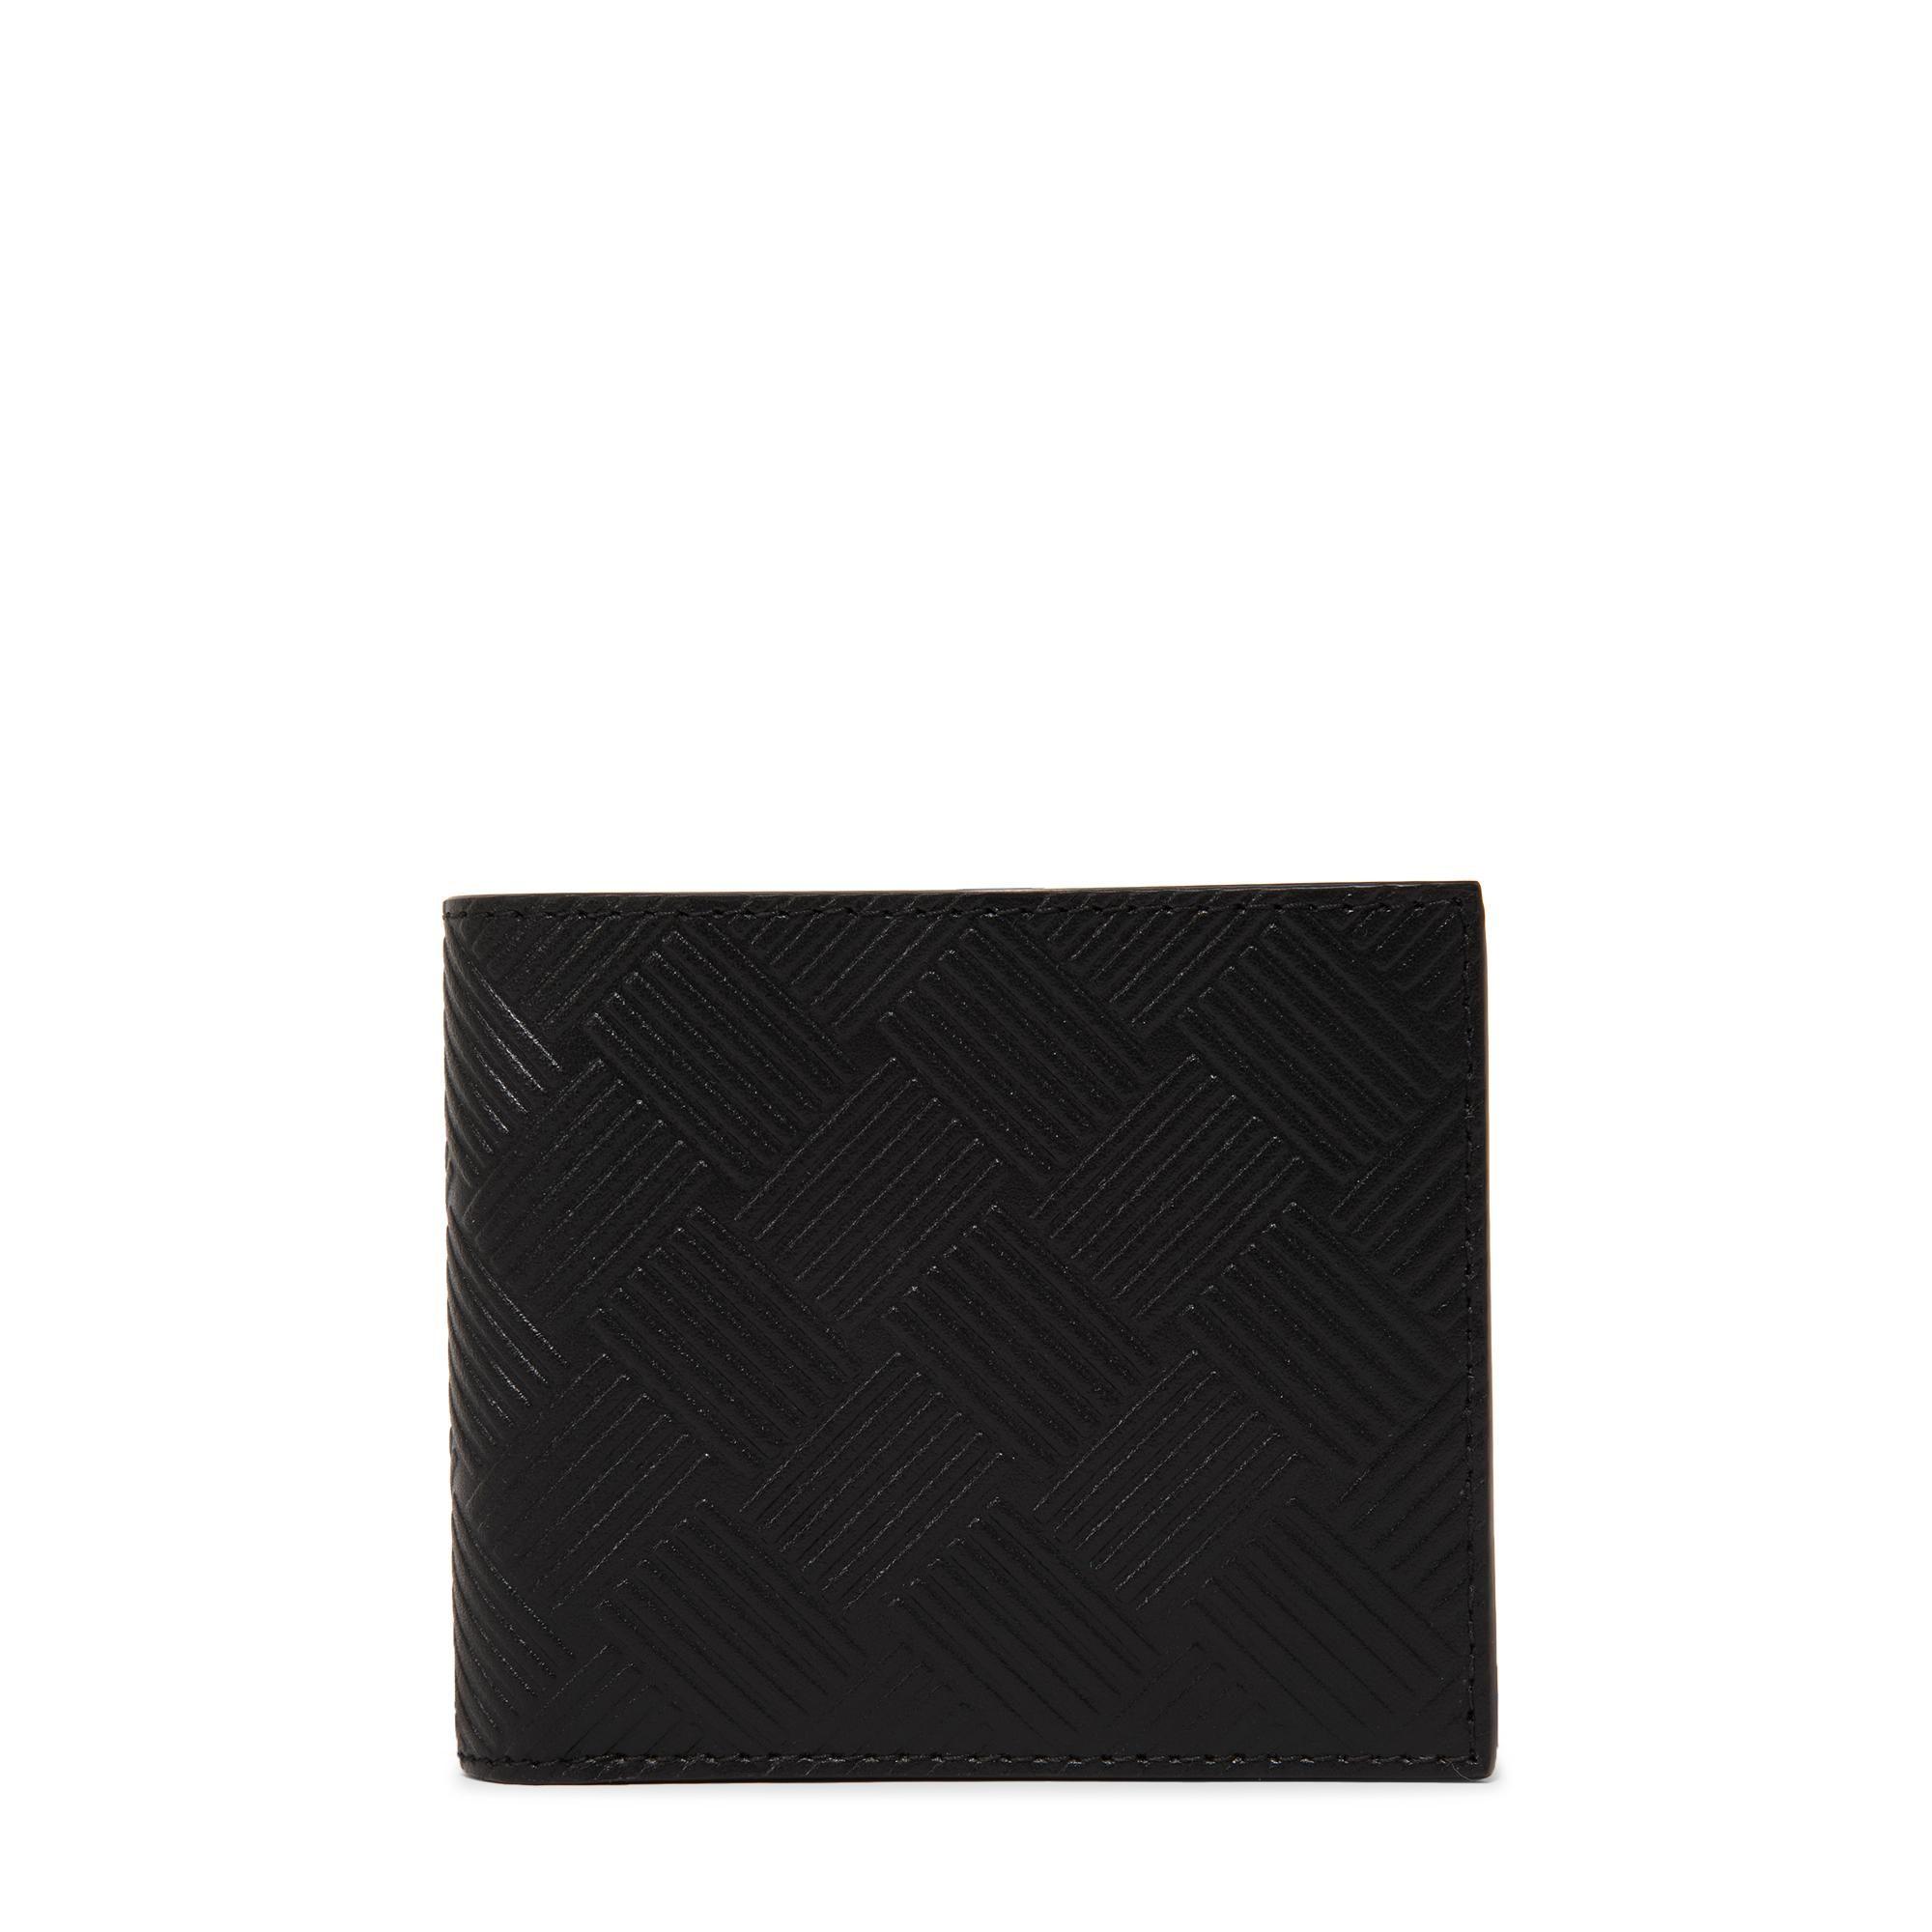 محفظة جلدية بتصميم مطوي